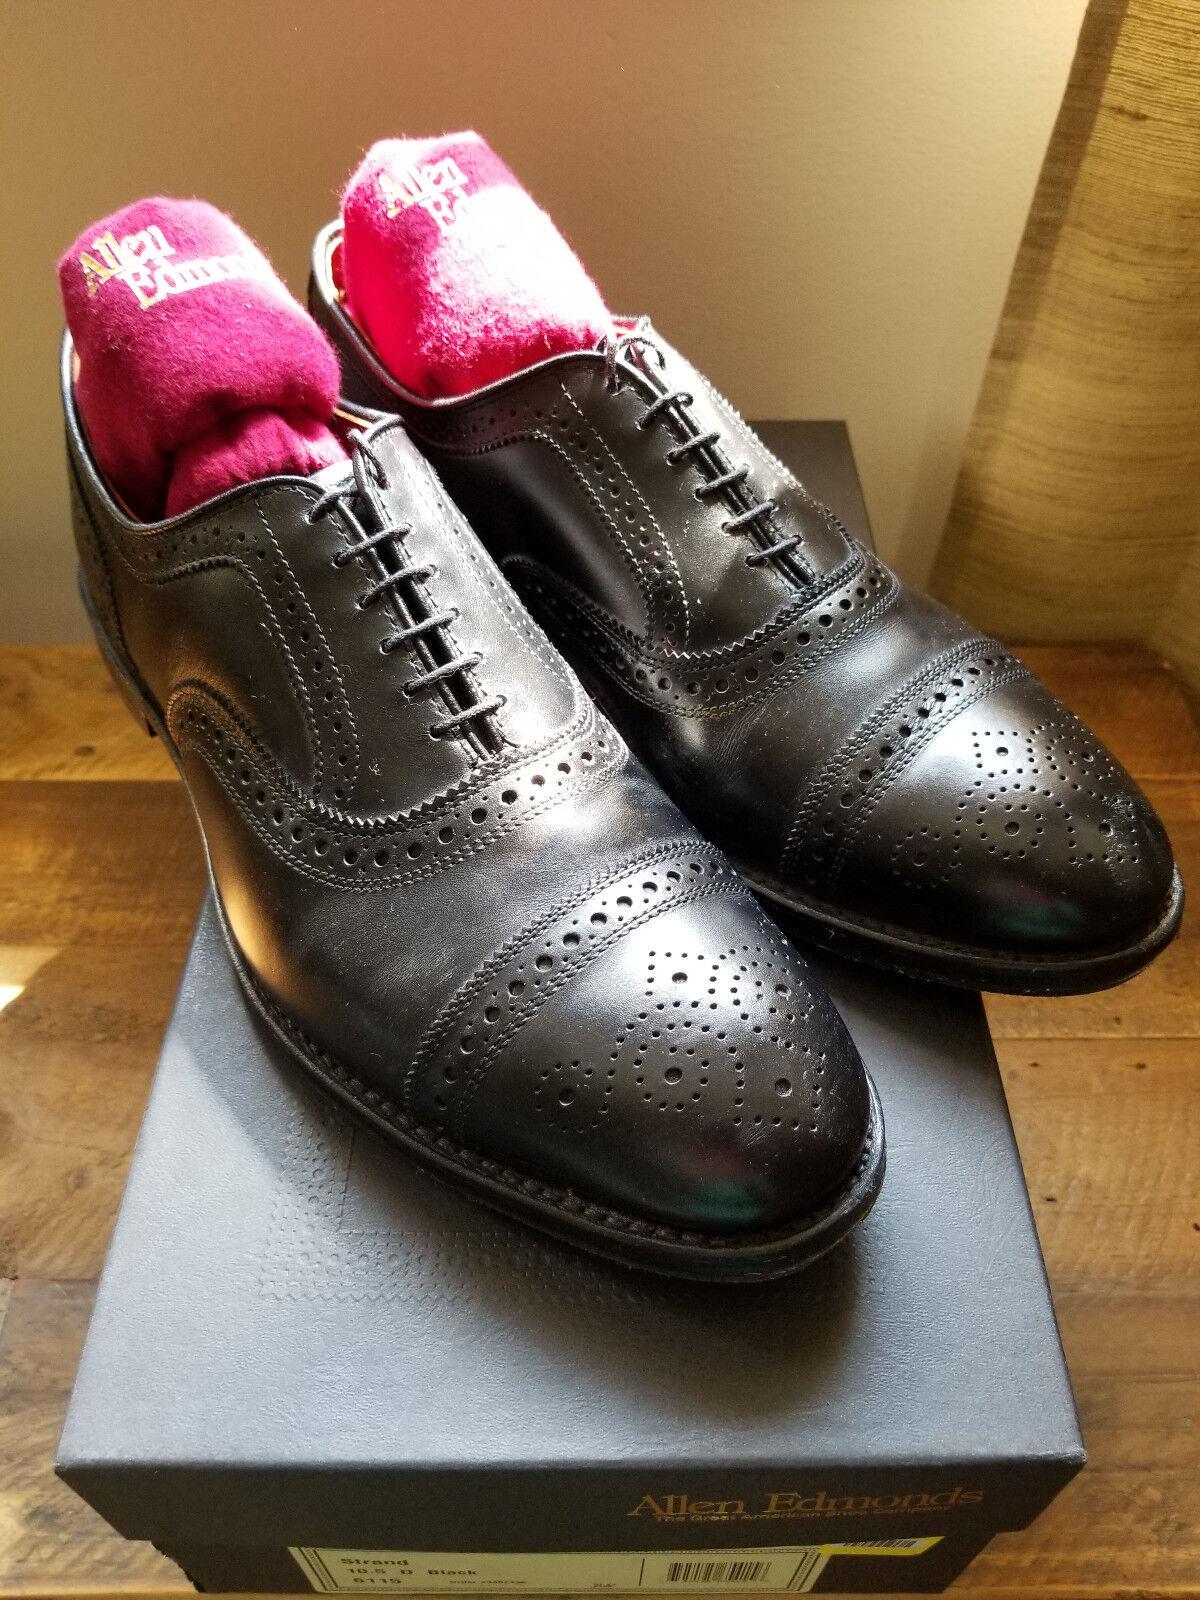 Allen Edmonds Strand Captoe Oxfords Mens Sz 10.5 D Black Leather Brogue, Toppy